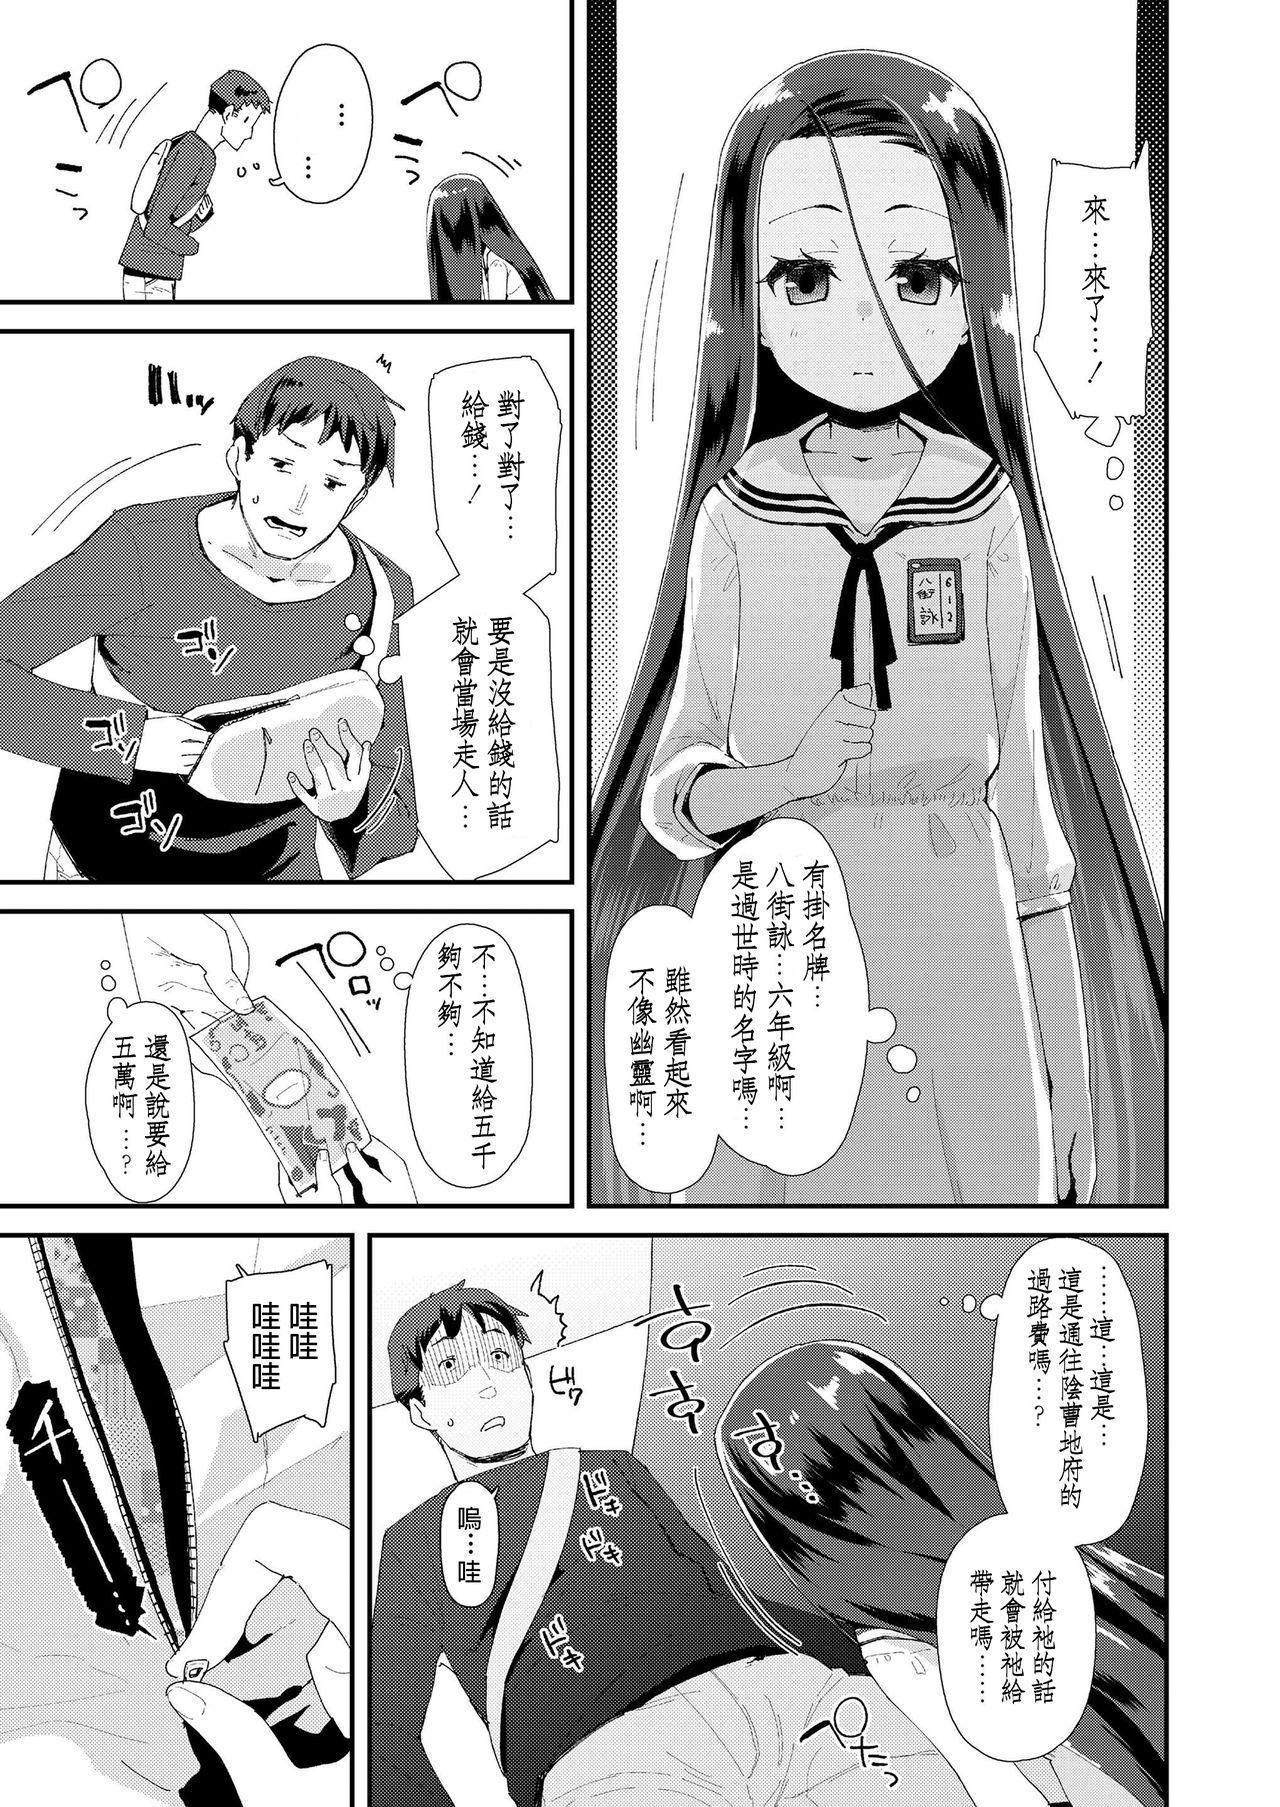 Toile no Yomi-chan 2